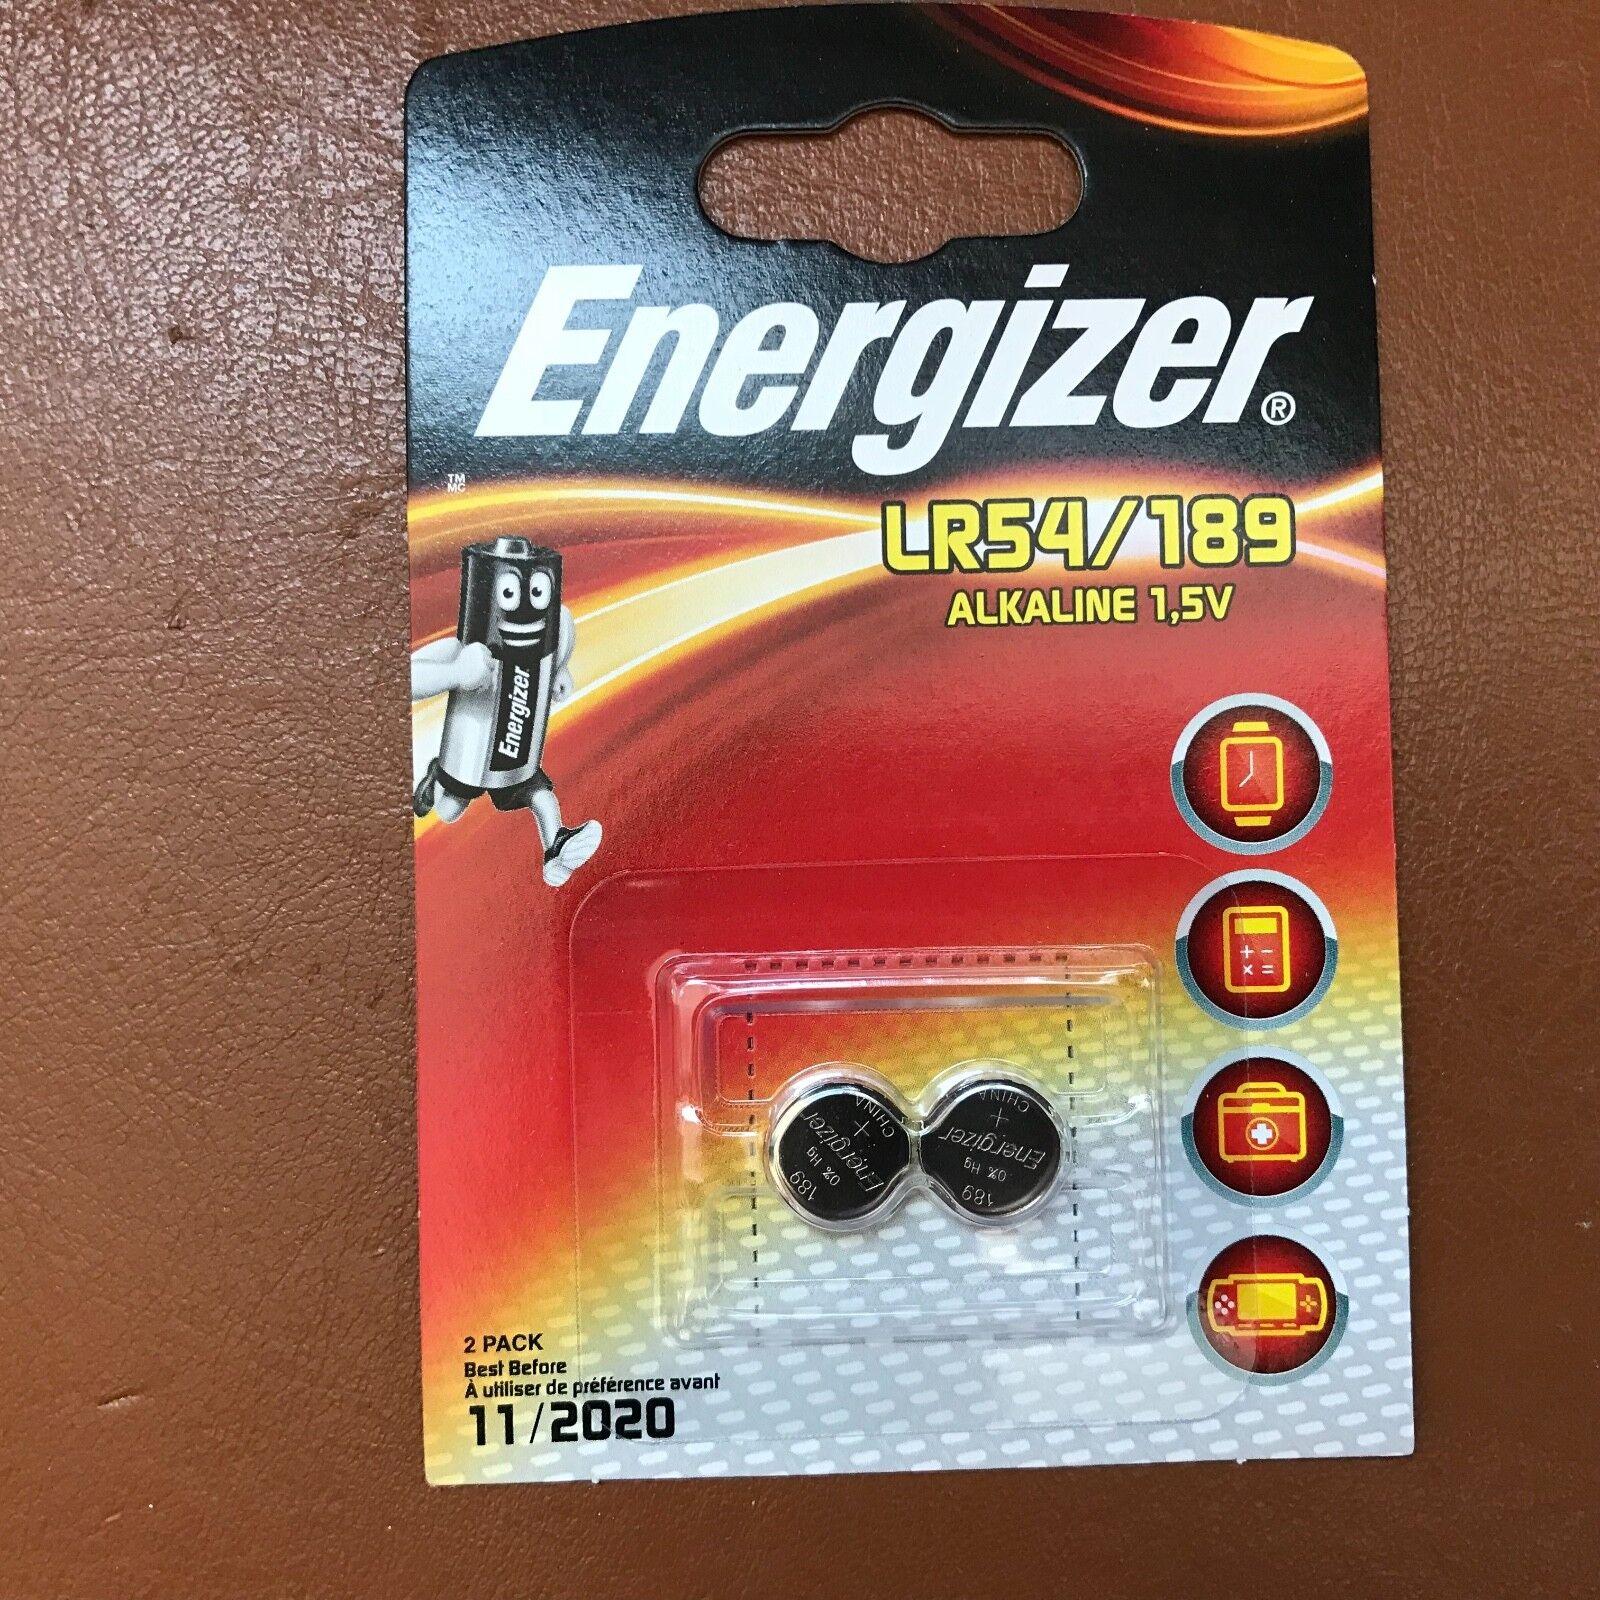 2 x Energizer LR54 1.5V Alkaline Battery 189, AG10, V10GA, LR1130, D189A, 389